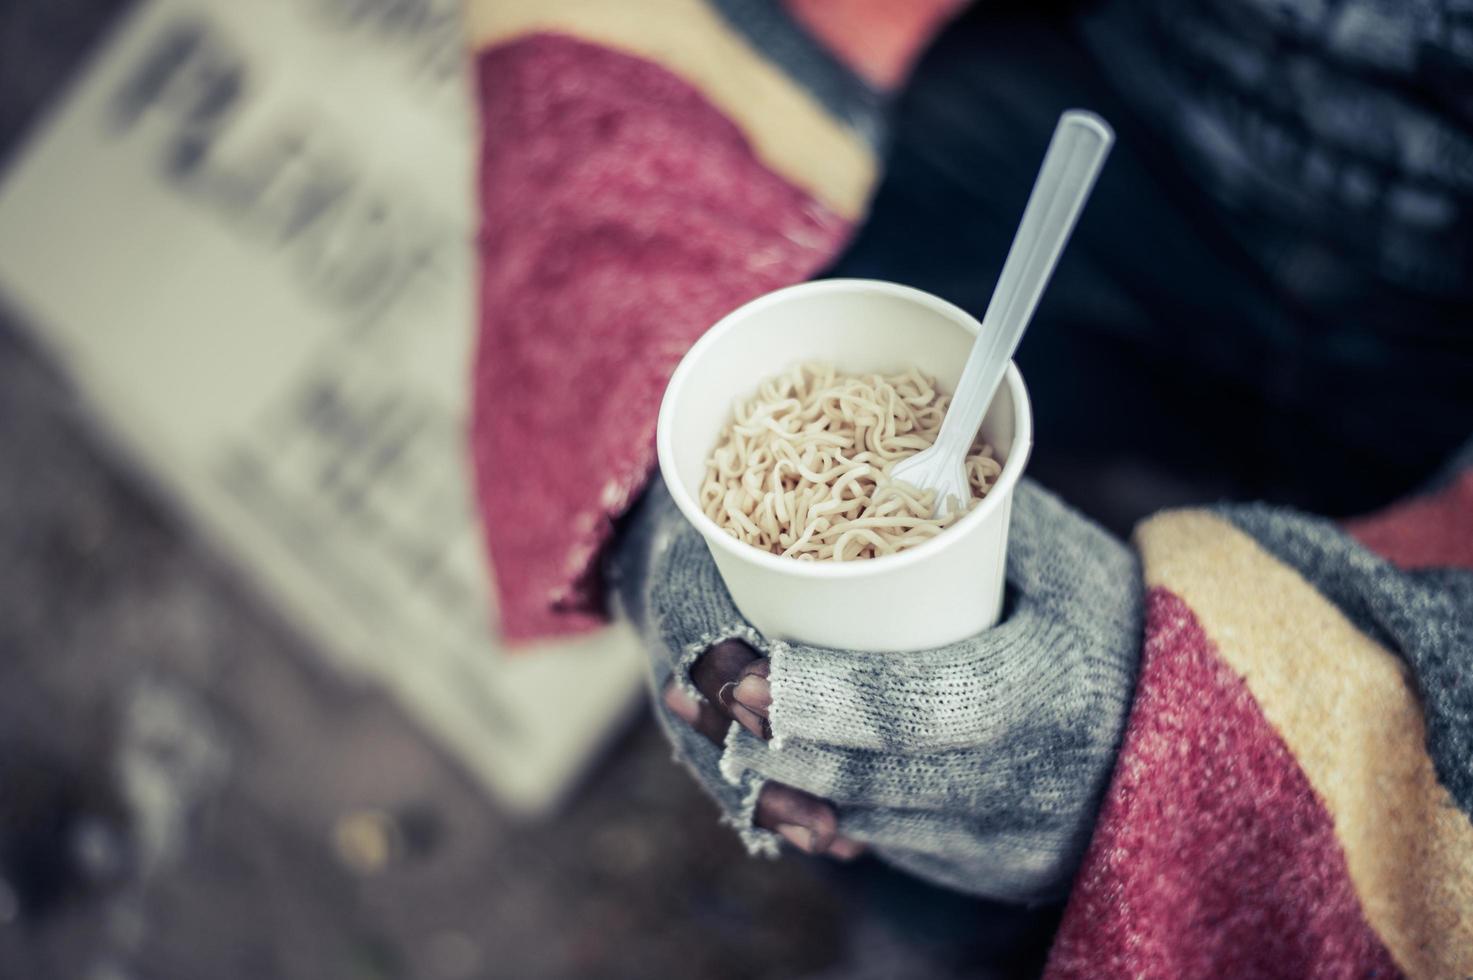 personen sitter insvept i tyg och äter nudlar foto